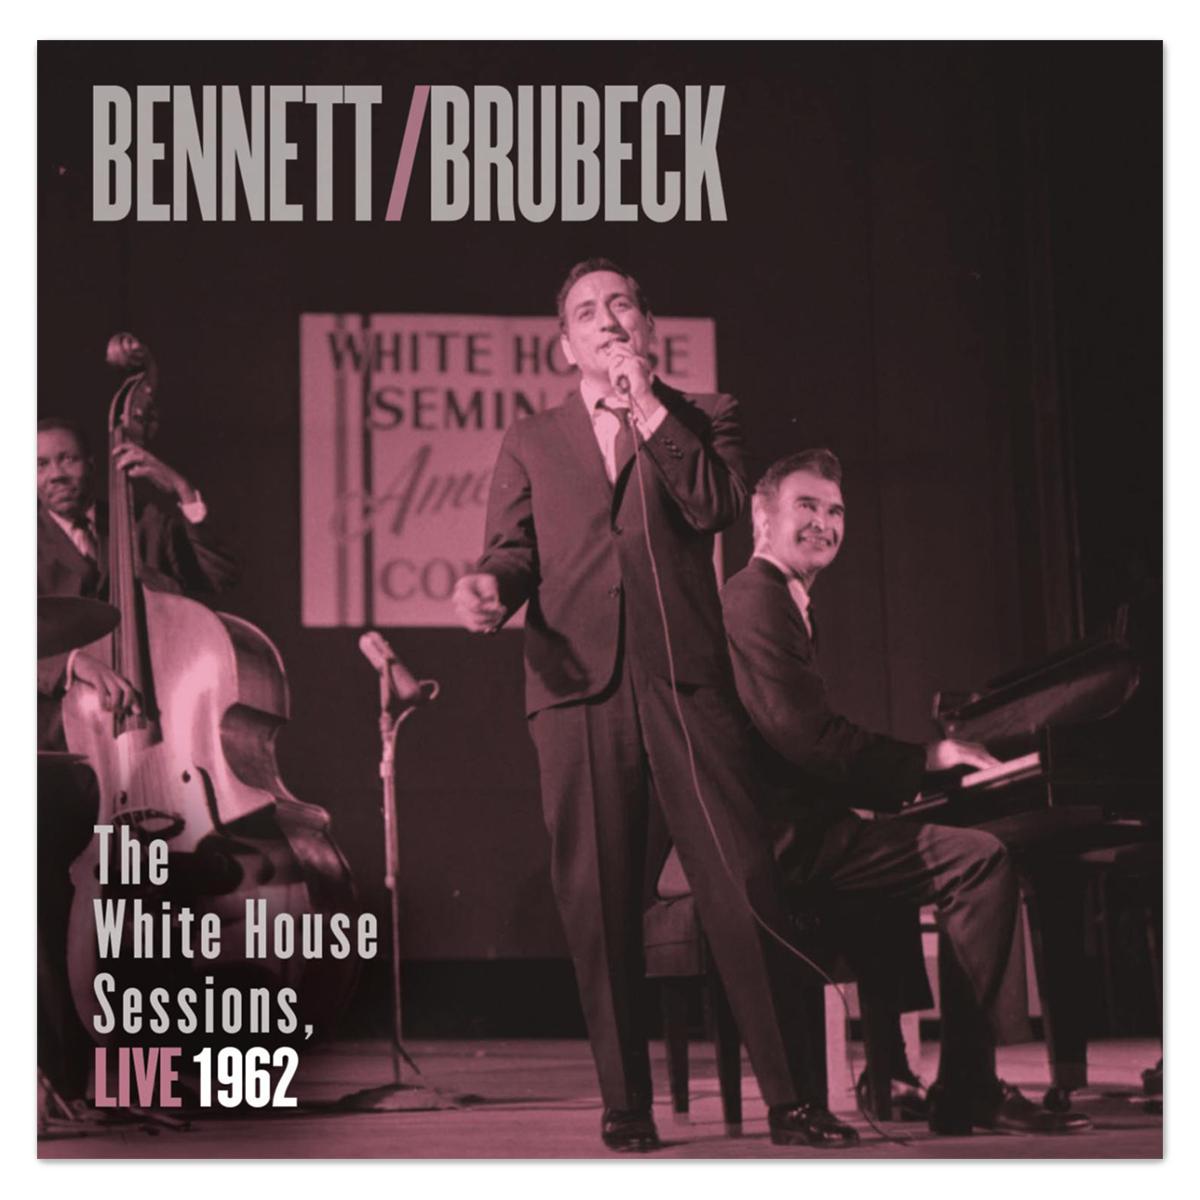 Bennett & Brubeck: The White House Sessions, Live 1962 CD